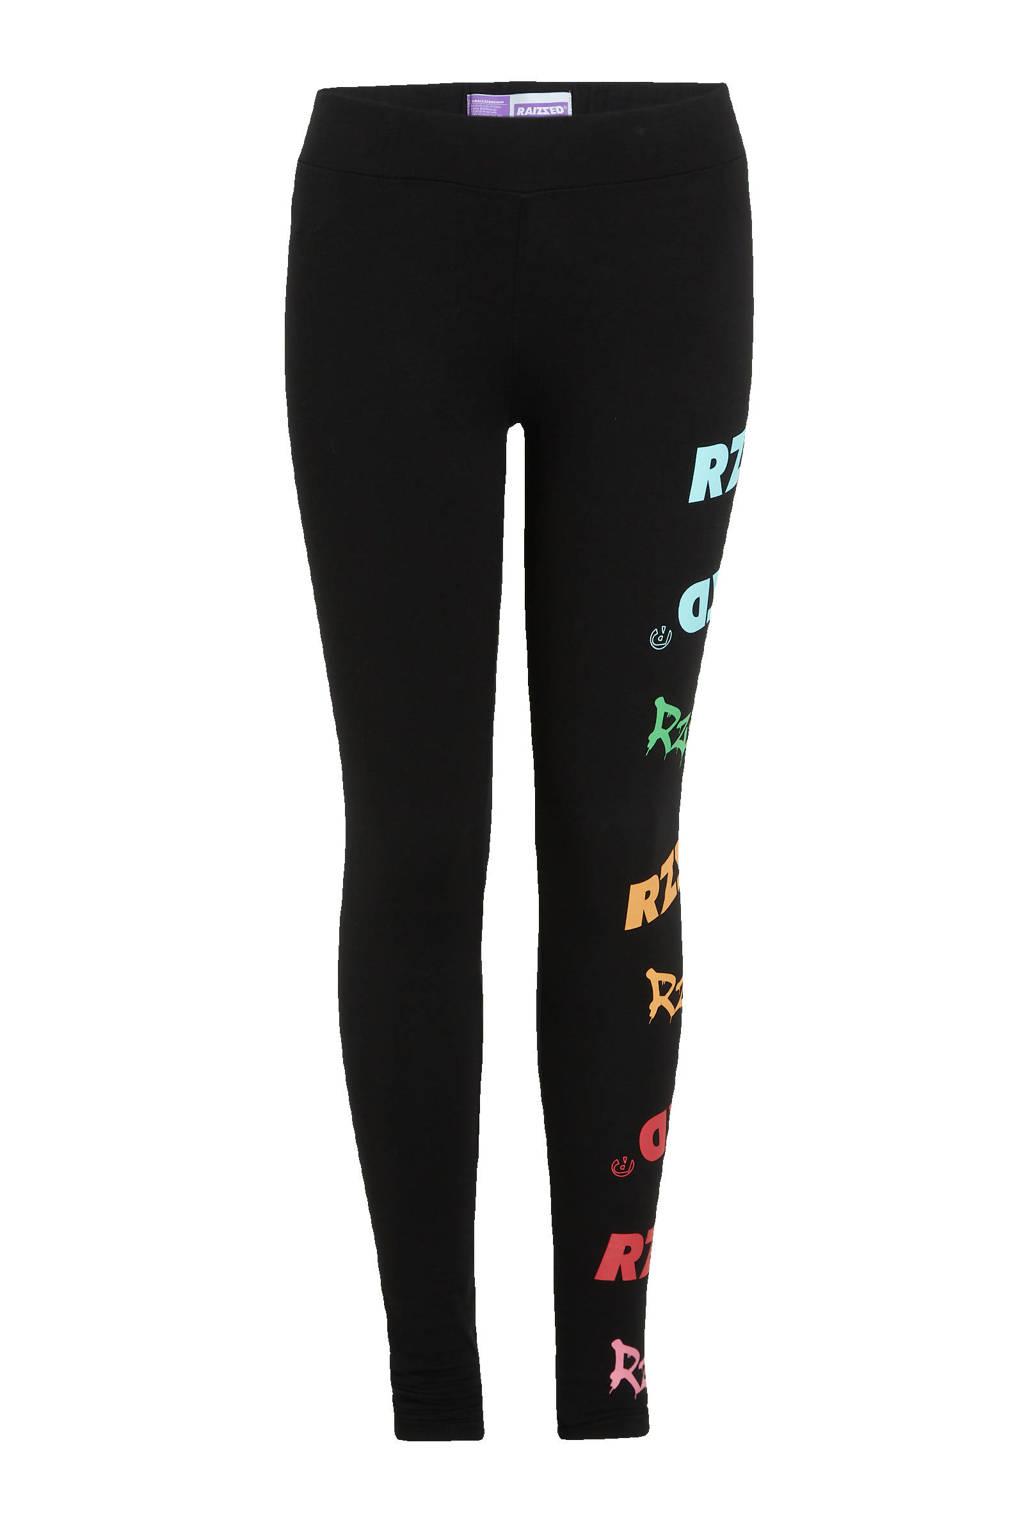 Raizzed regular fit broek Hangzhou met printopdruk zwart/multicolor, Zwart/multicolor